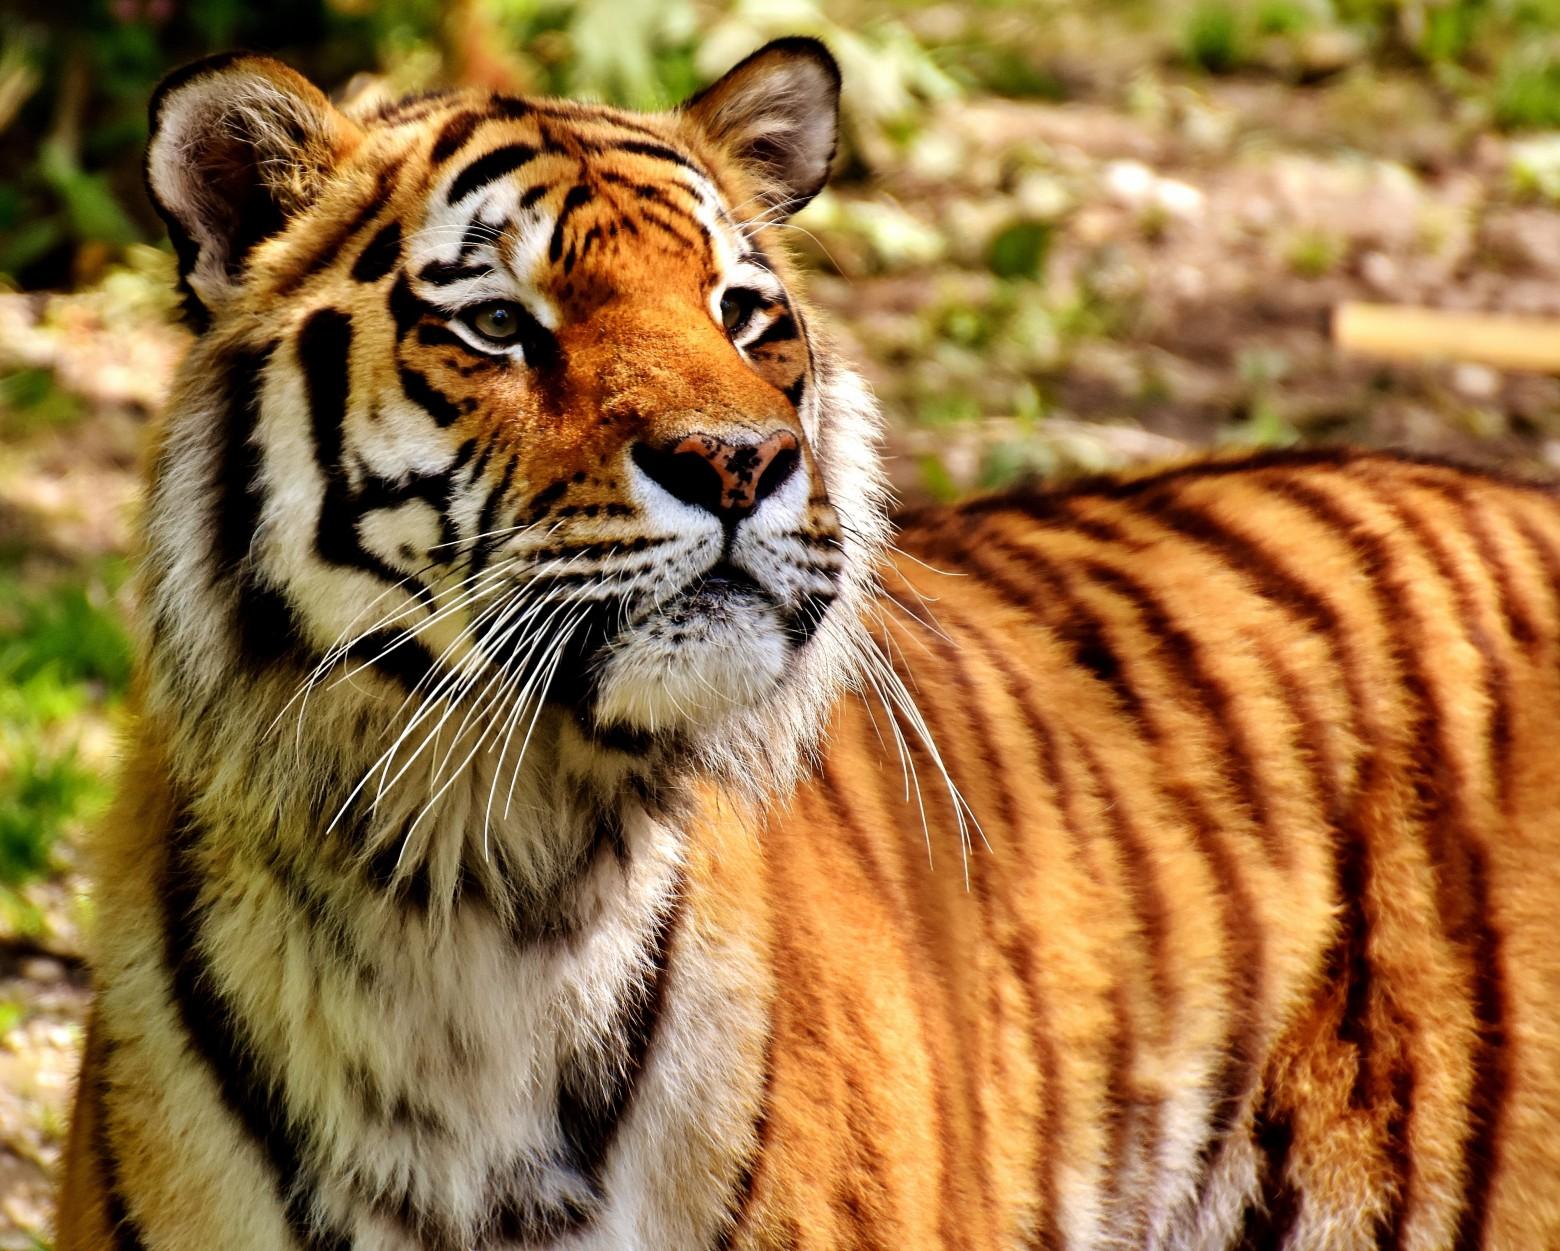 Photos gratuites hd tigre images gratuites et libres - Images tigres gratuites ...